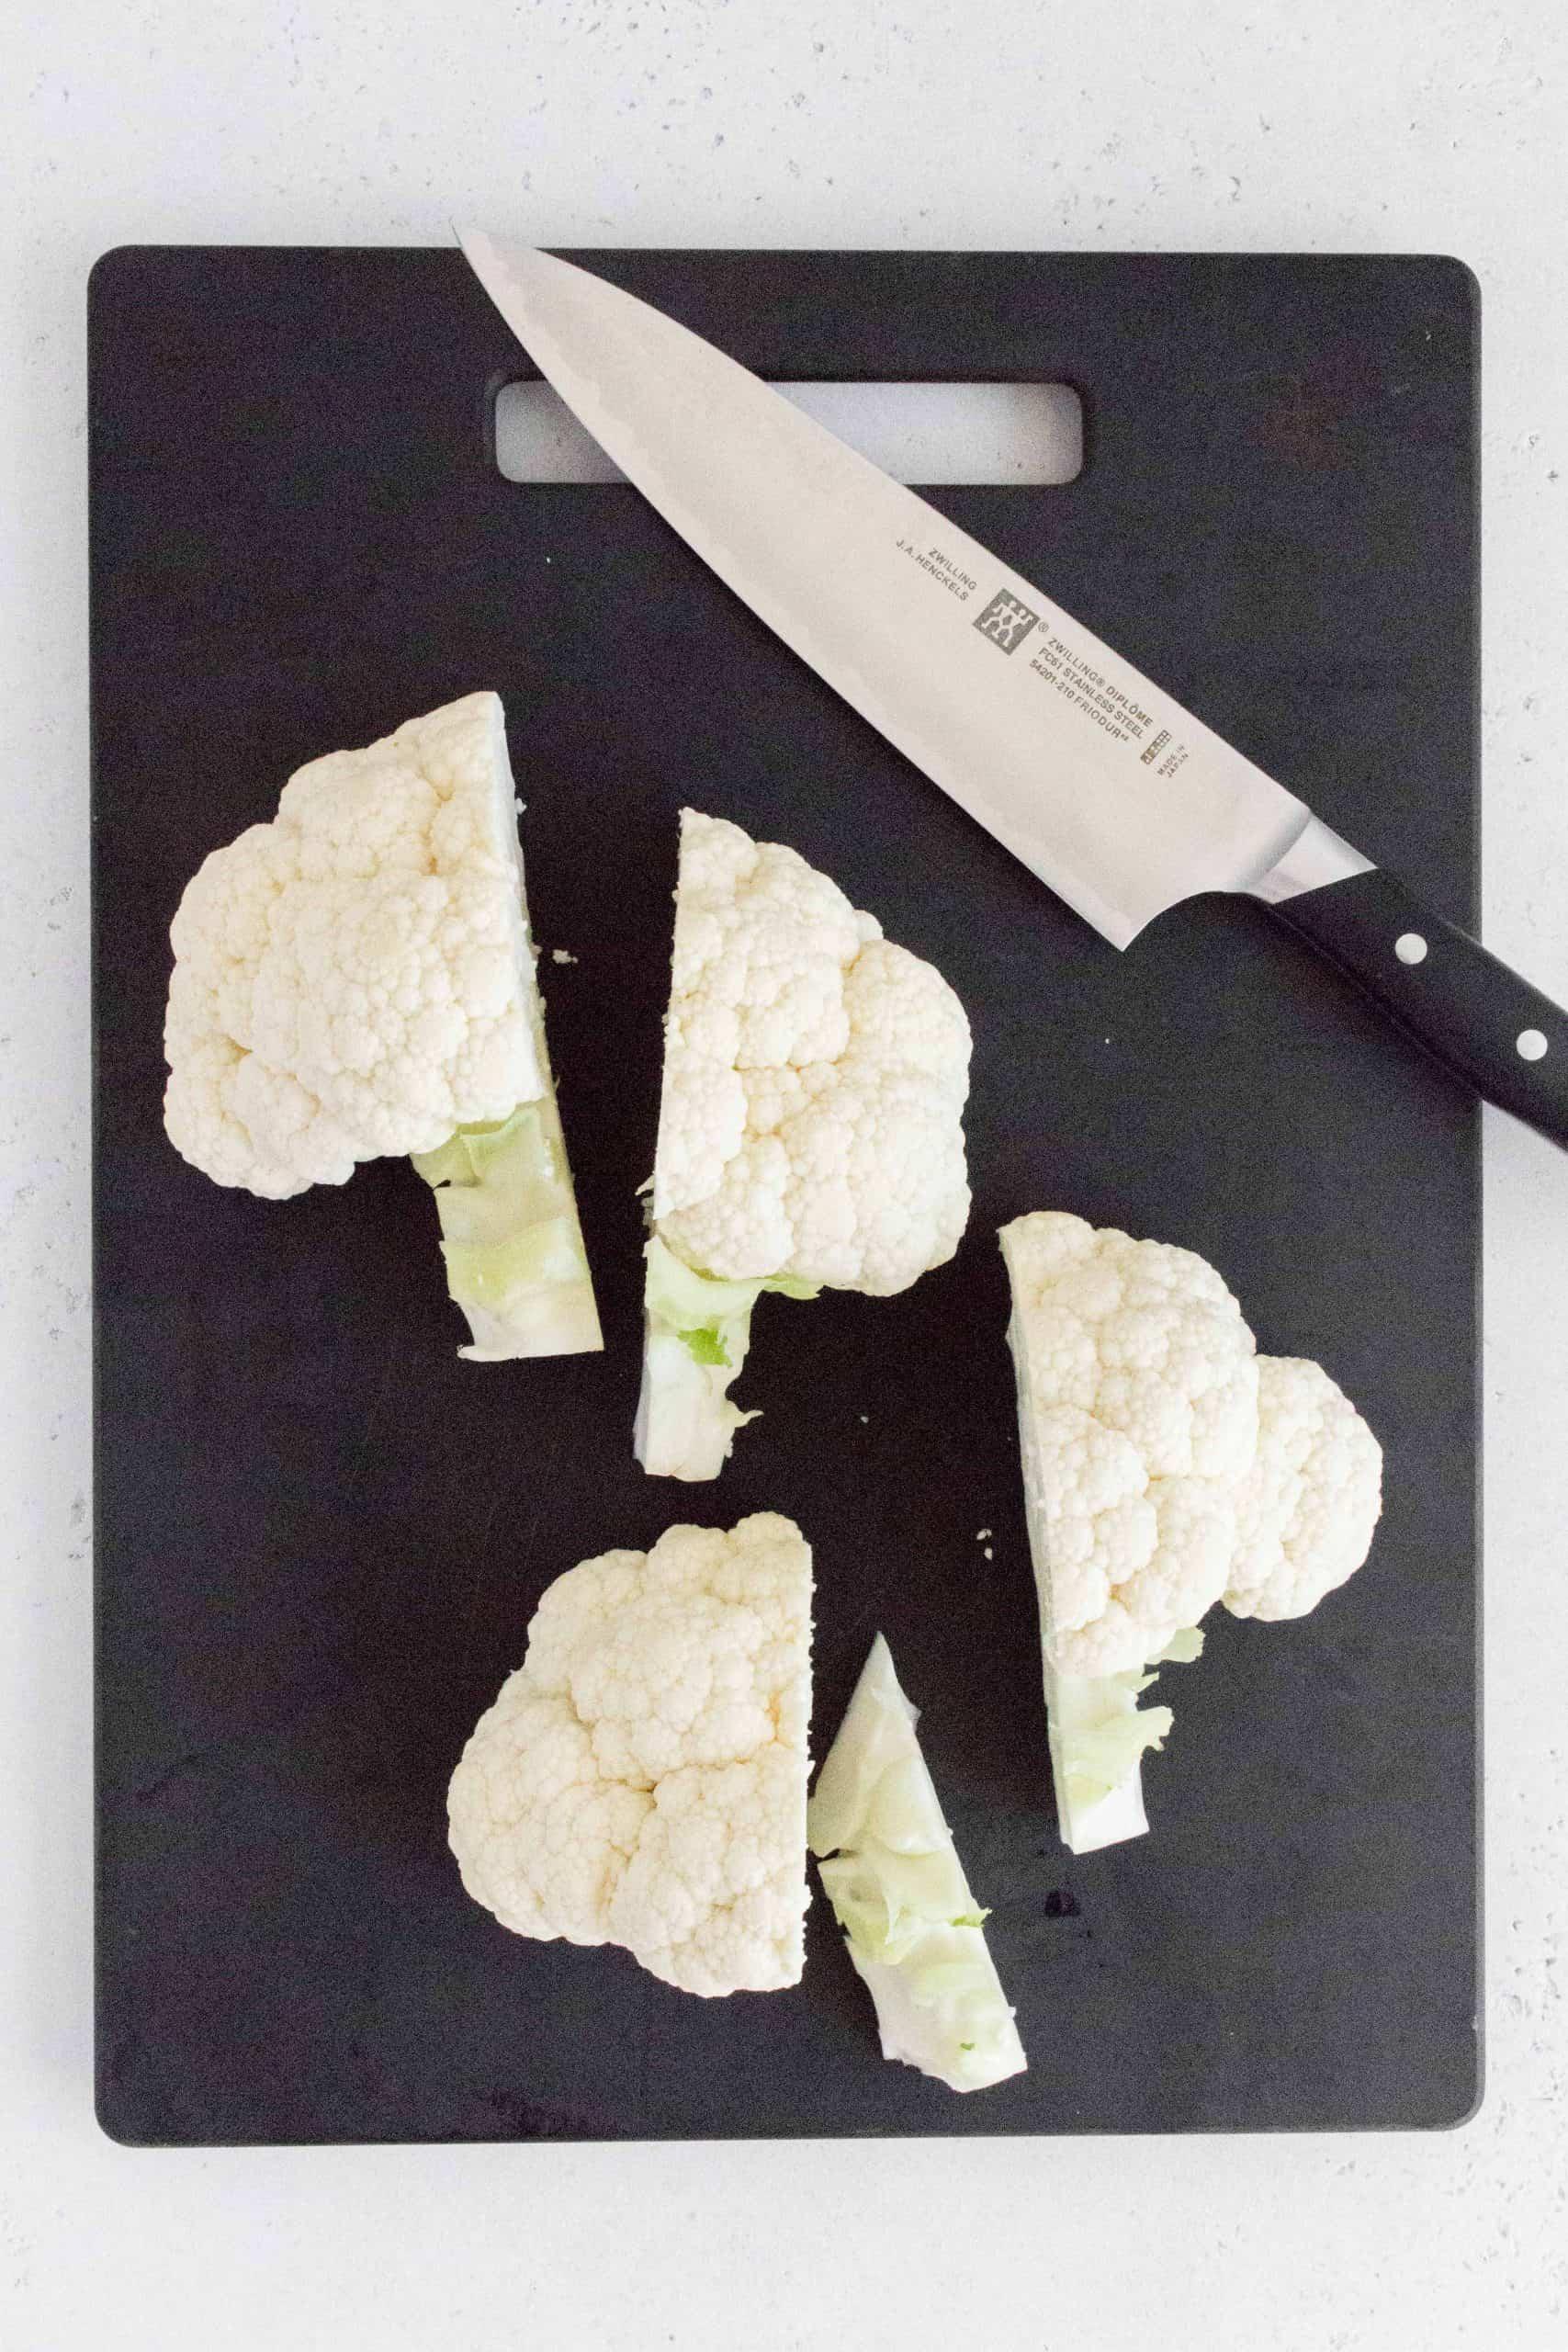 halves of cauliflower cut in half